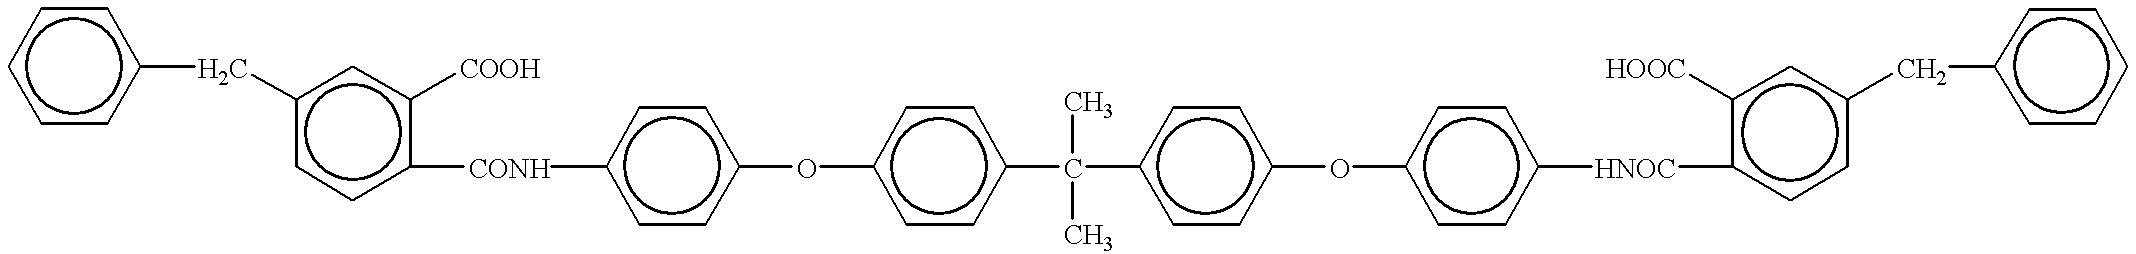 Figure US06180560-20010130-C00537